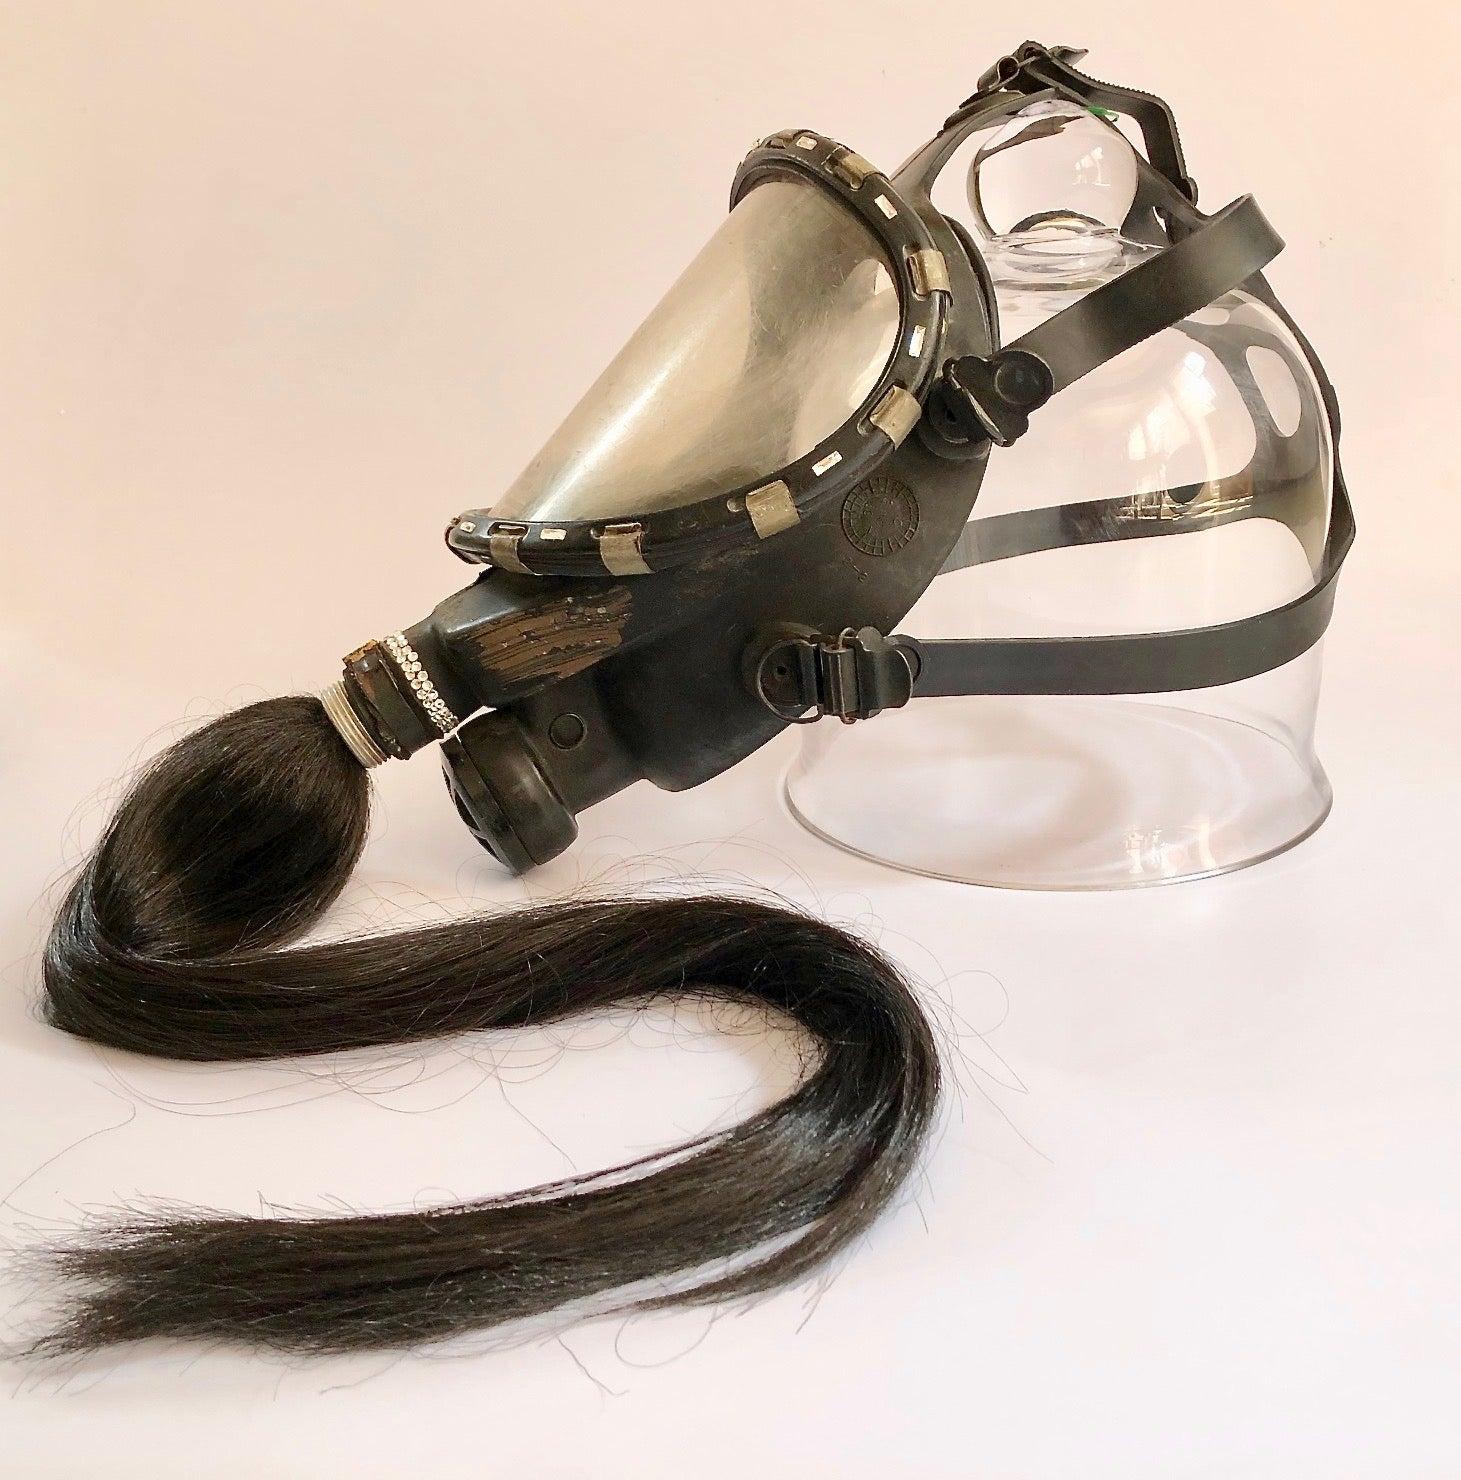 3.1 From La Filosofía en el Tocador, Antique Gas Mask